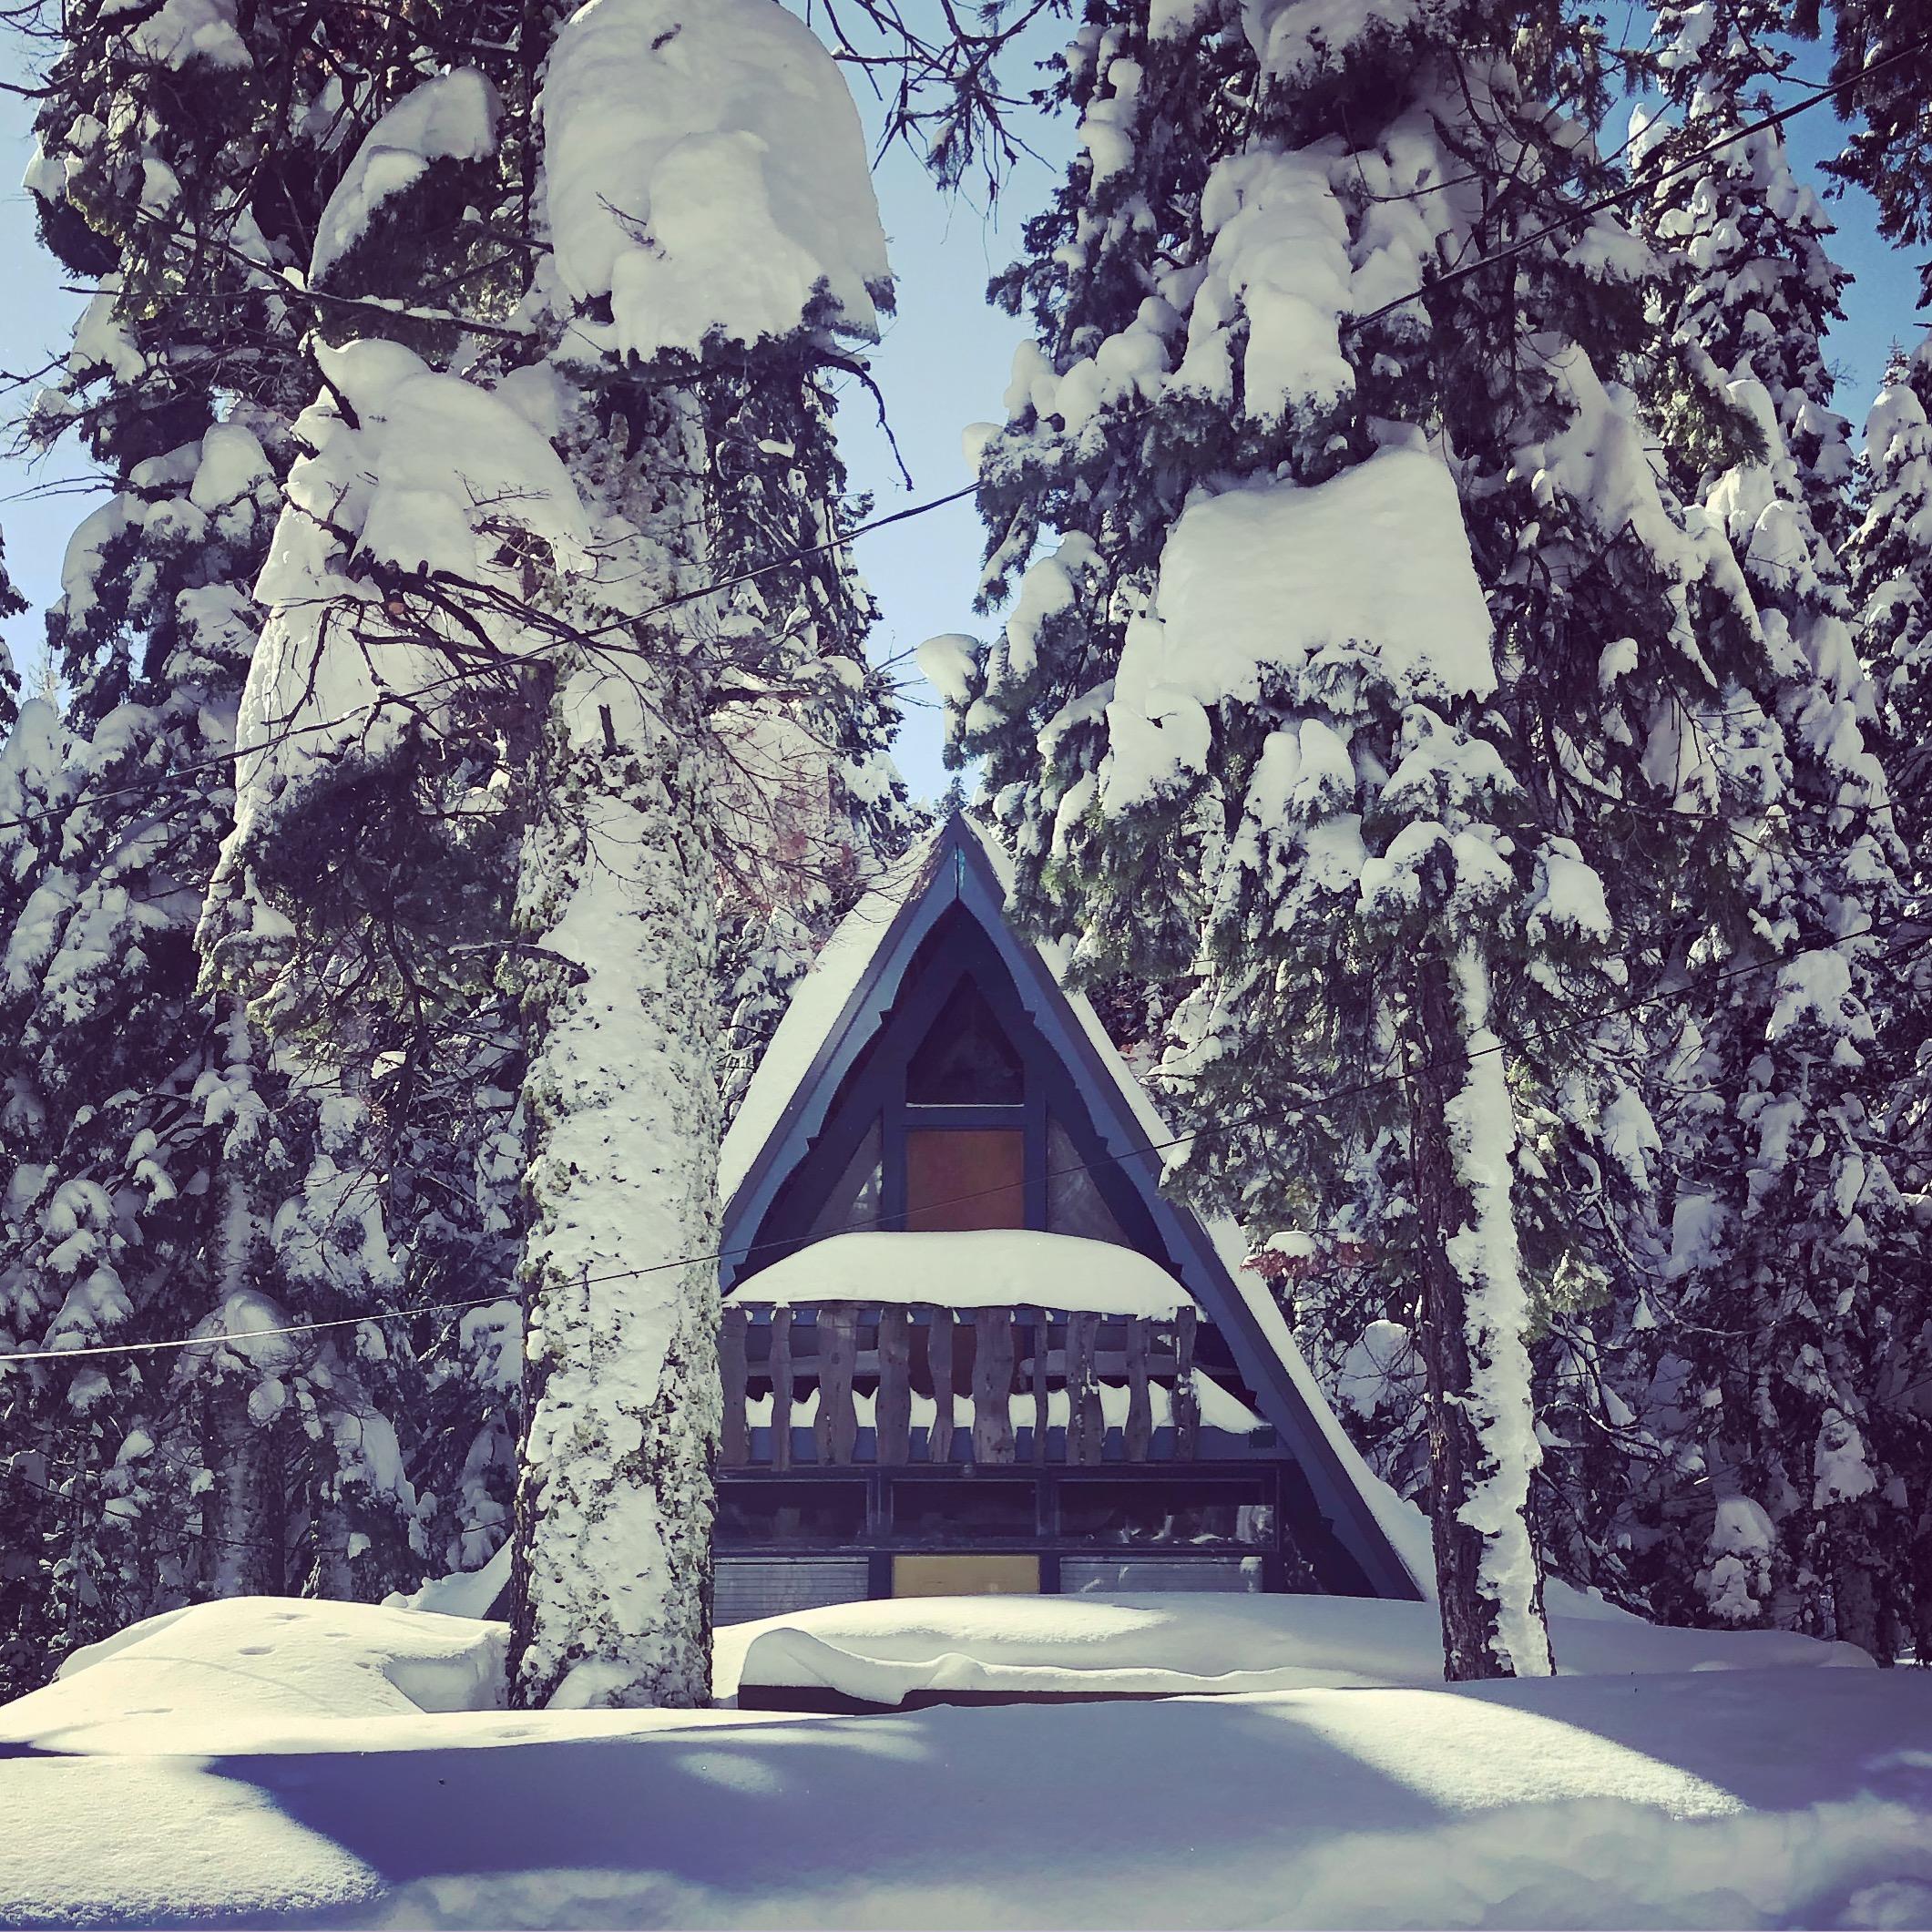 snowy-cabin-tahoe